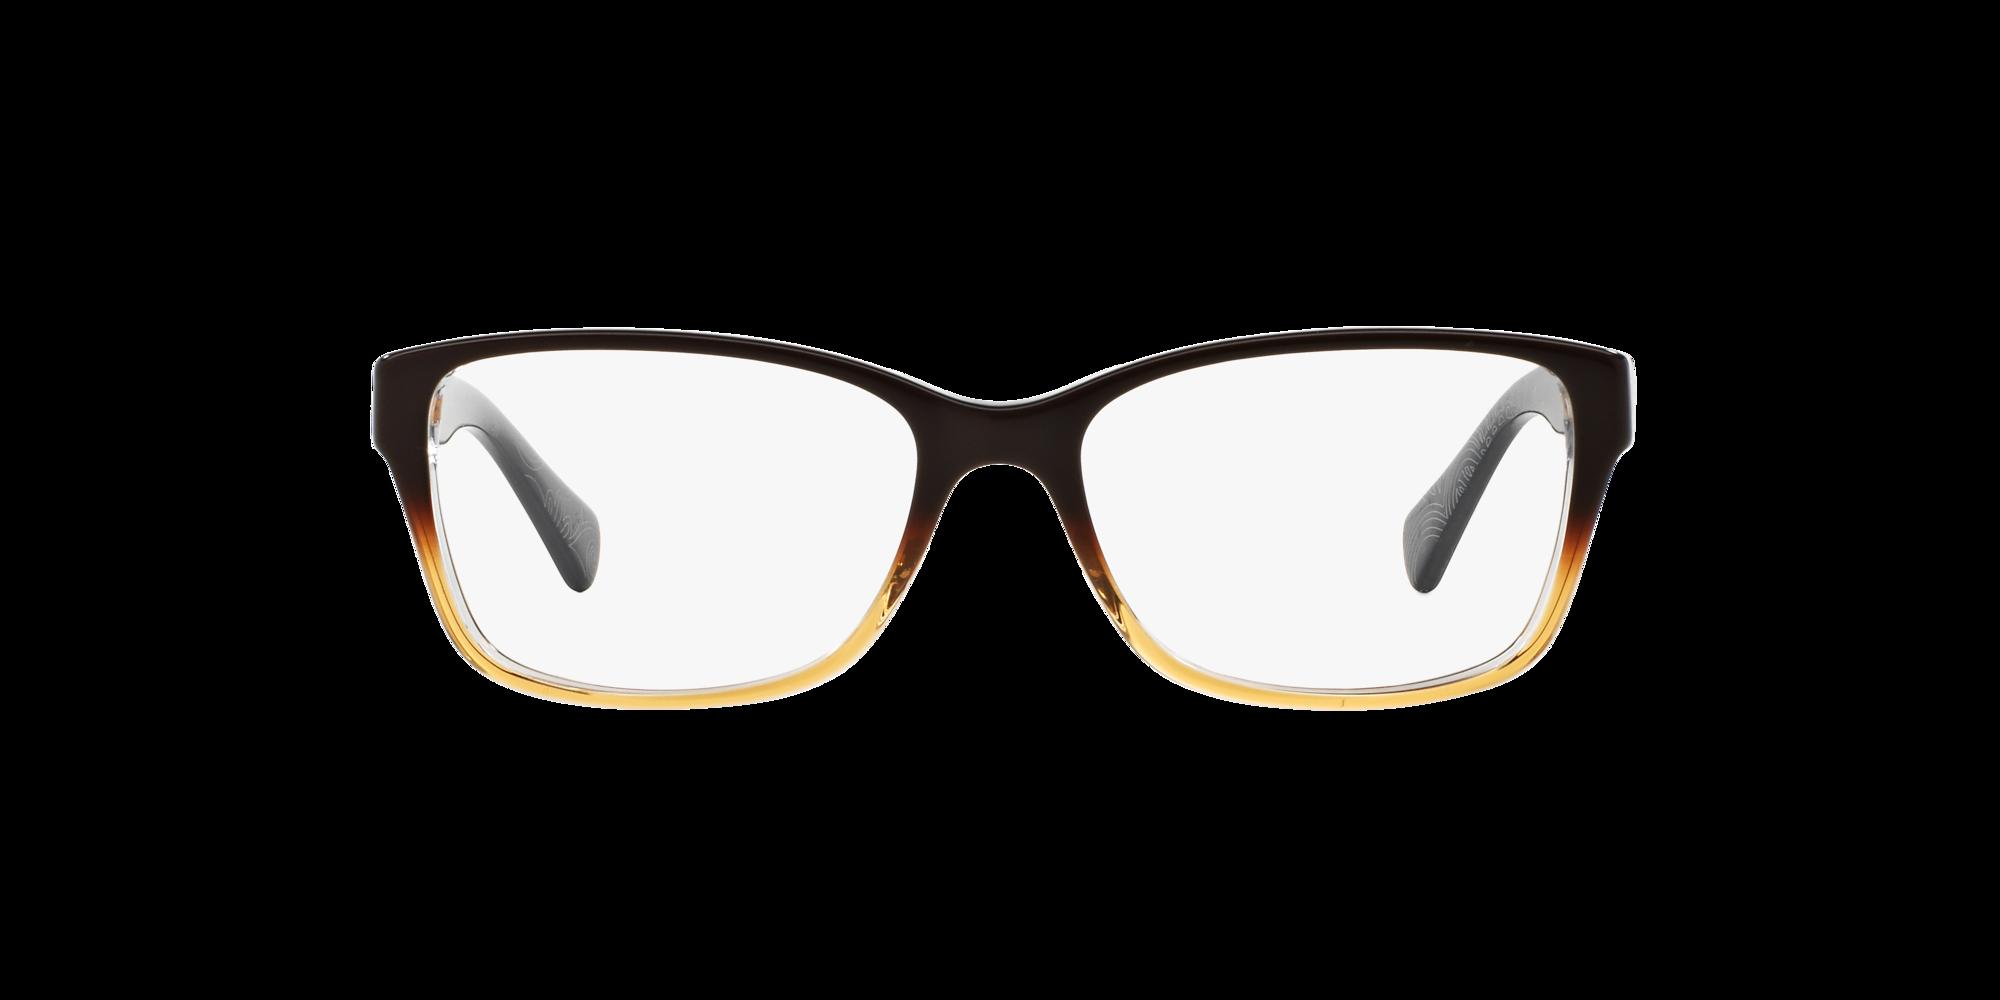 Imagen para RA7064 de LensCrafters |  Espejuelos, espejuelos graduados en línea, gafas